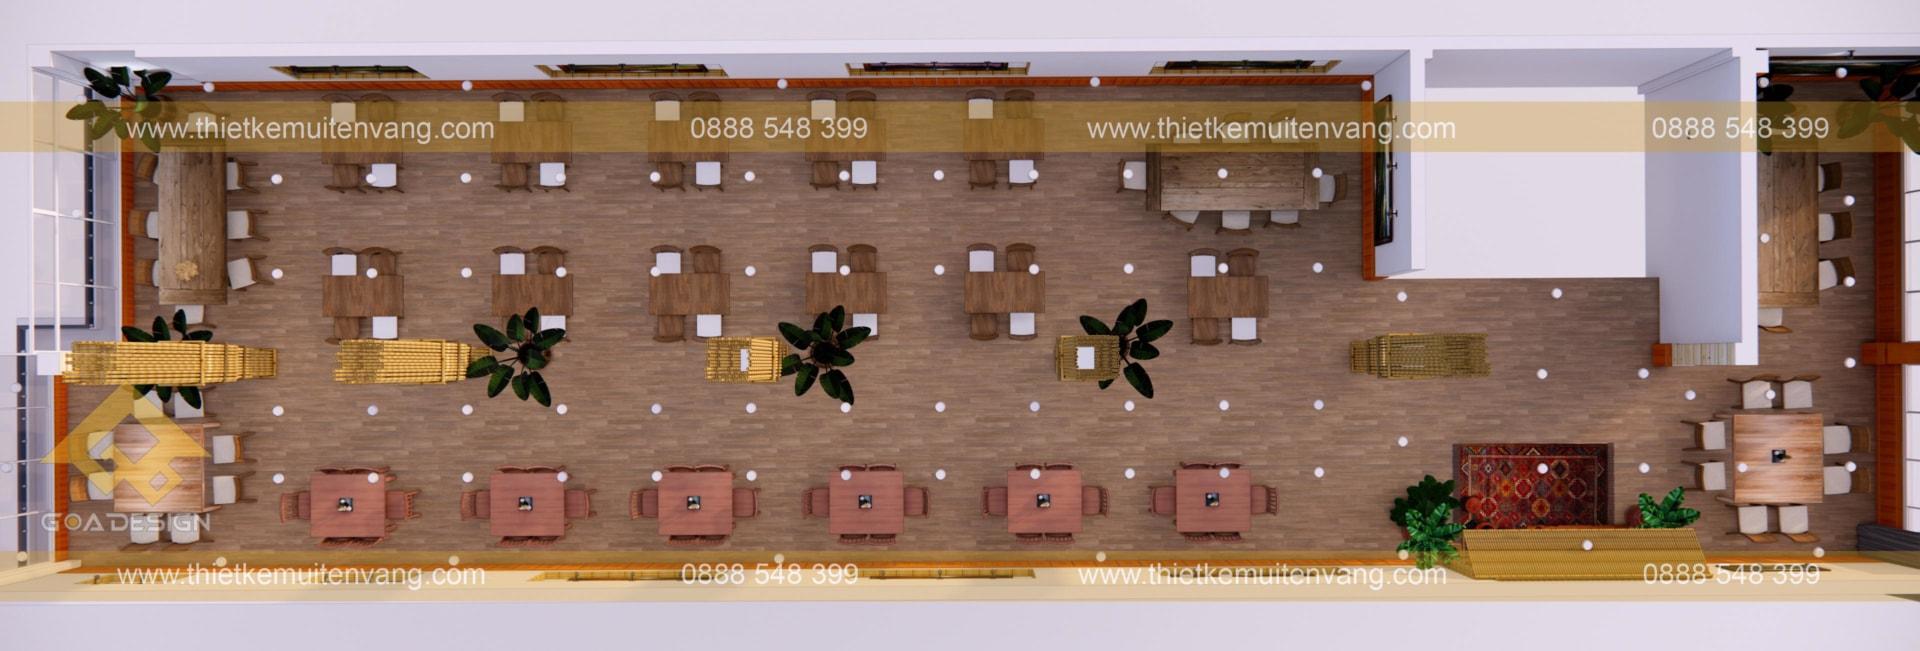 thiết kế nhà nhà hàng sapa 2020 (2)